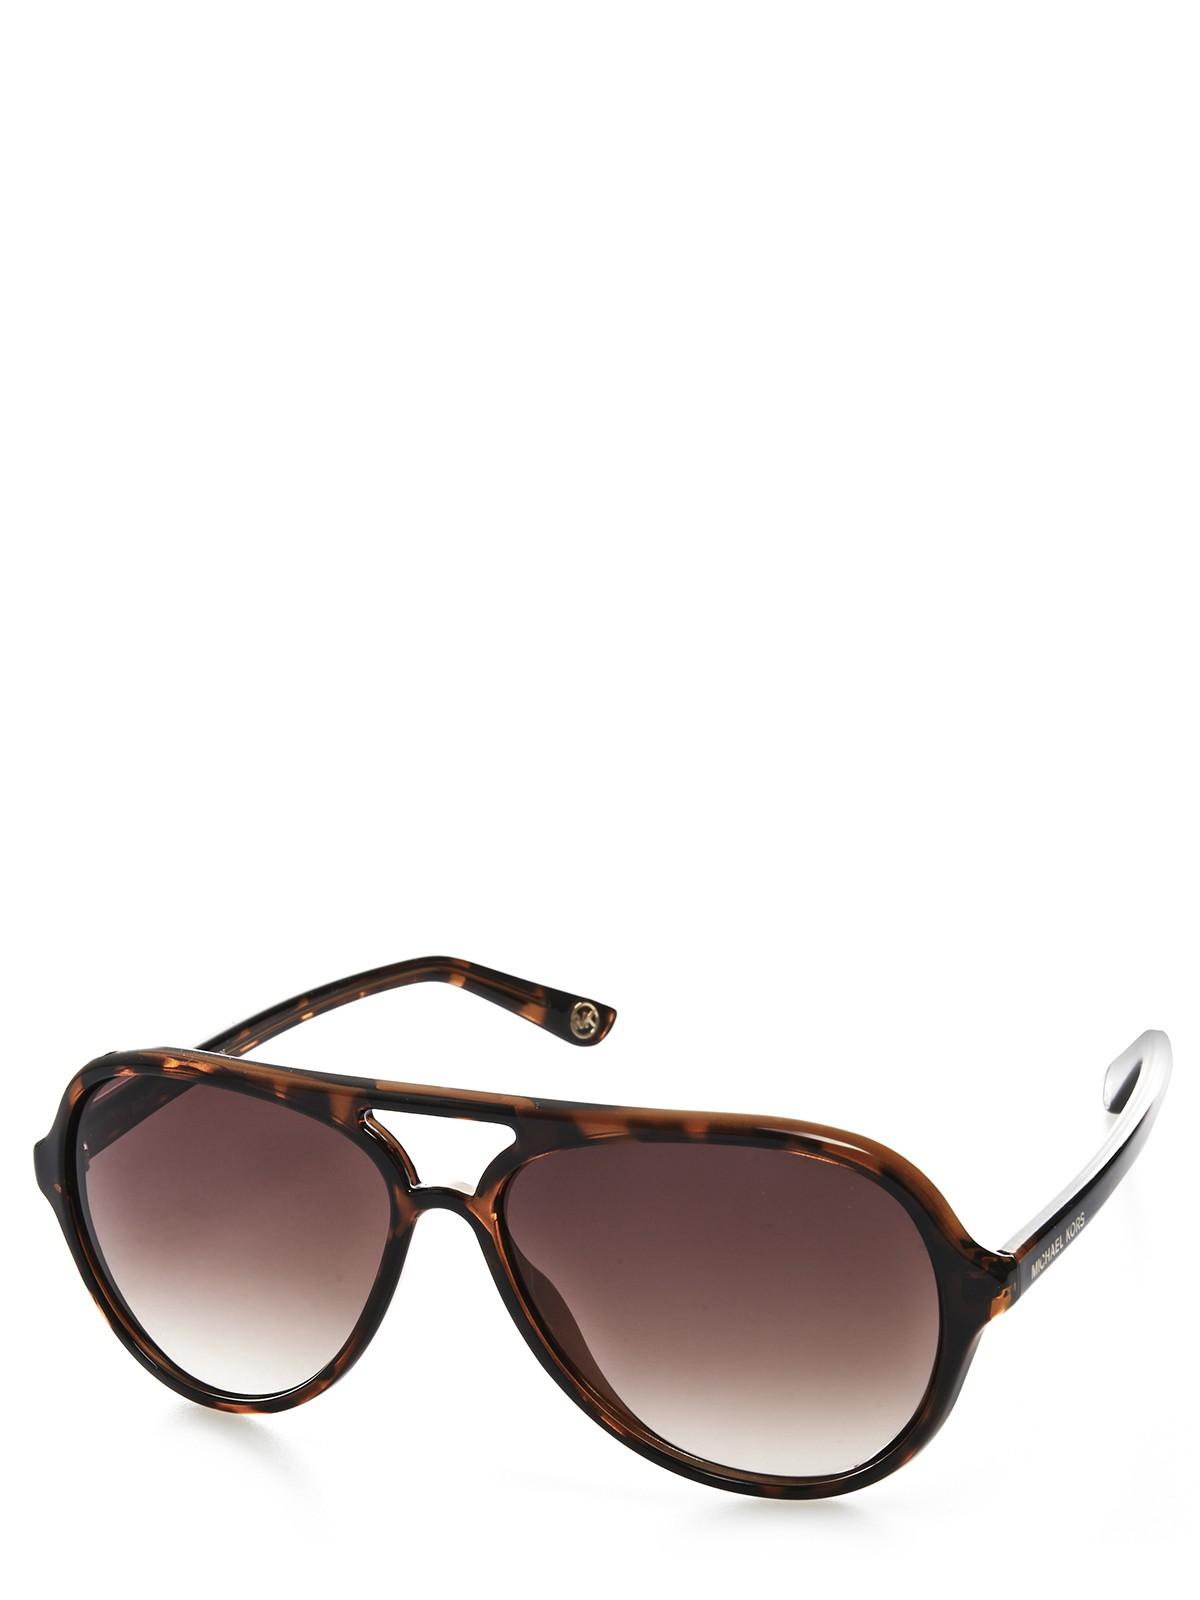 lunettes de soleil de michael kors m2811s caicos. Black Bedroom Furniture Sets. Home Design Ideas